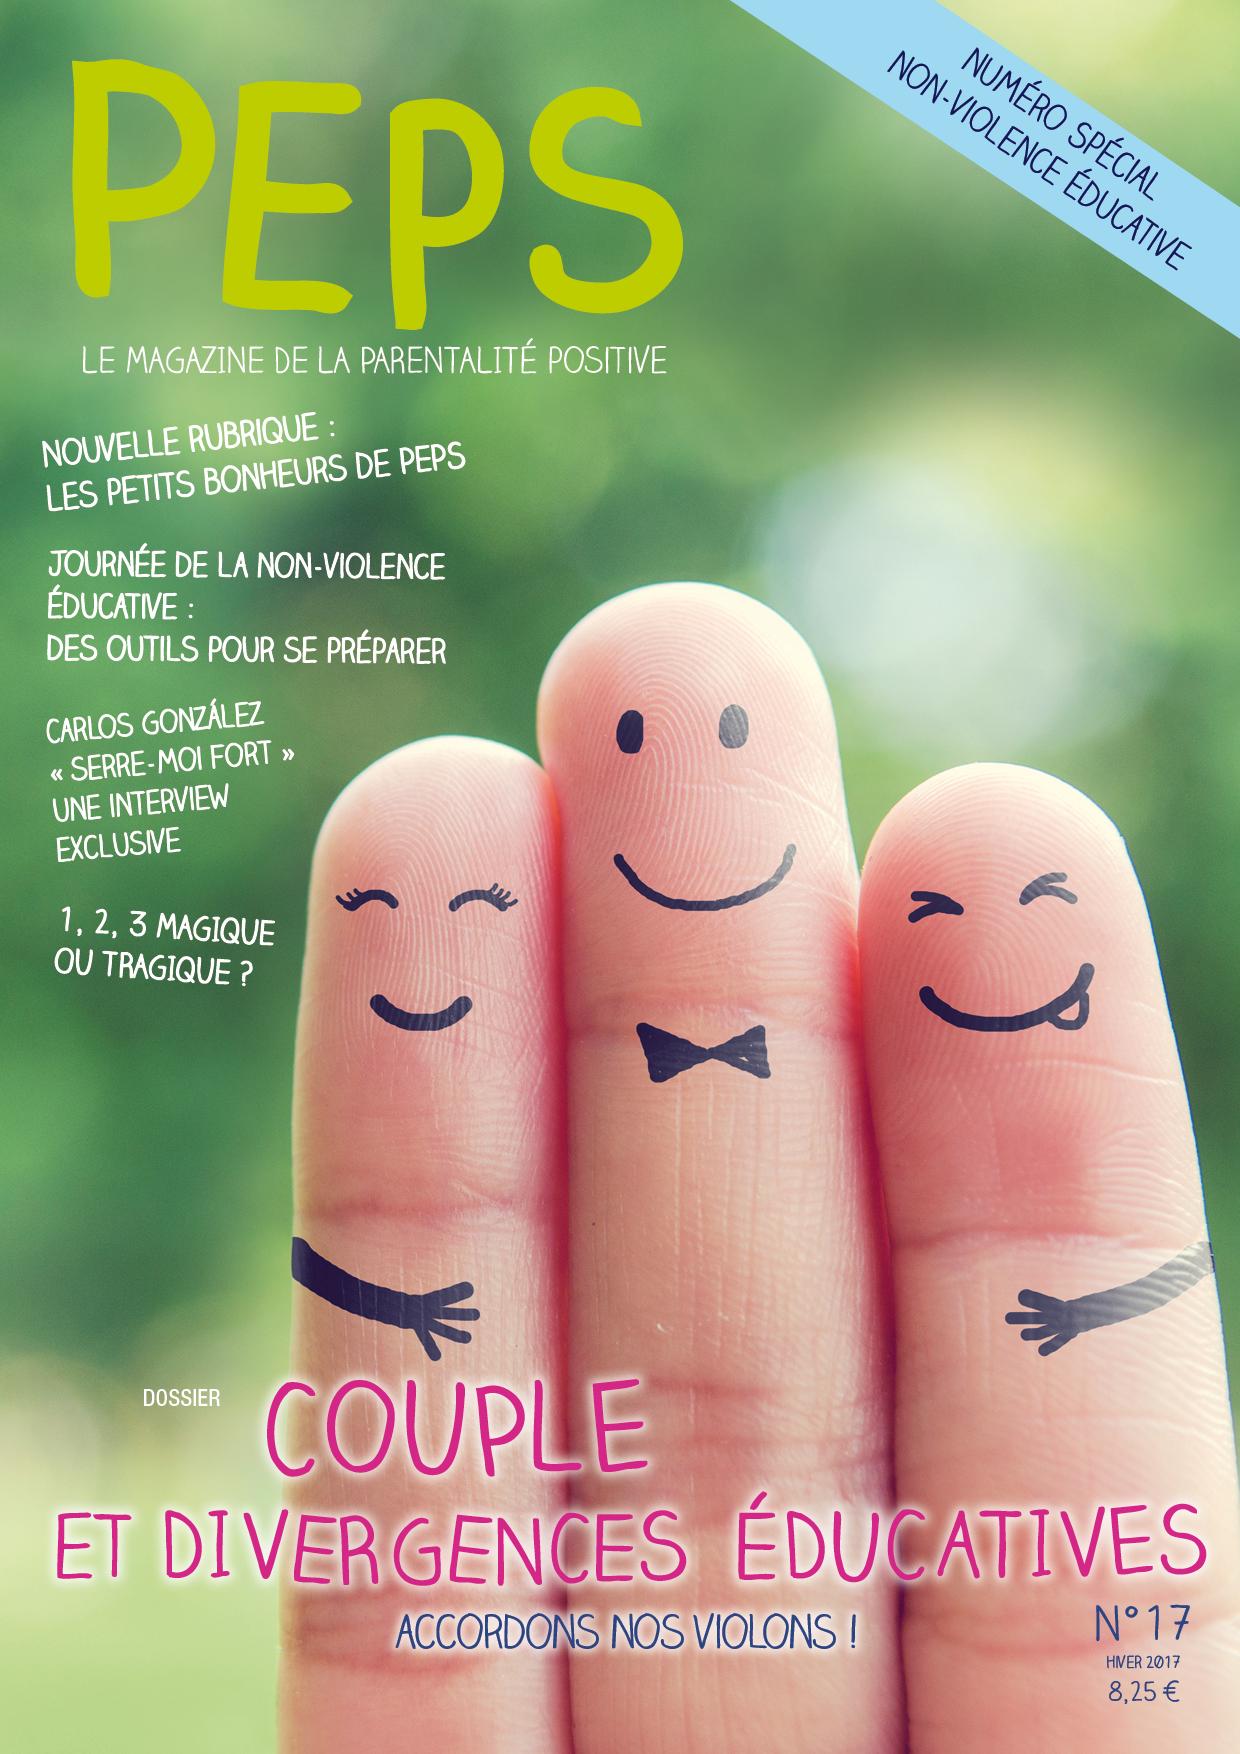 Retrouvez  Peps n17 spécial non-violence éducative. Le thème du dossier : Couple et divergences éducatives, accordons nos violons.